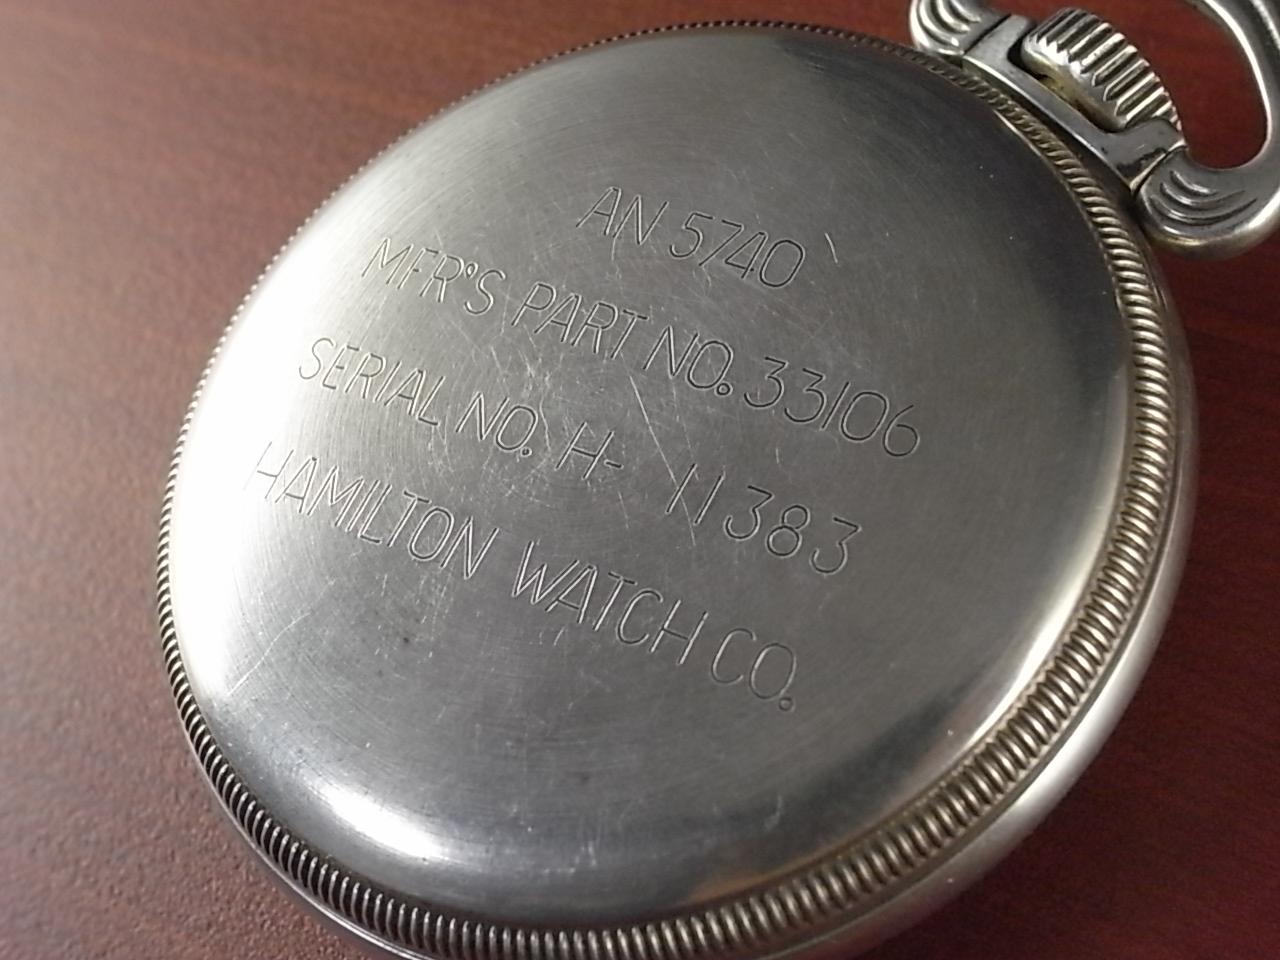 ハミルトン 米軍 ポケットウォッチ シルバーケース AN5740 1940年代の写真4枚目